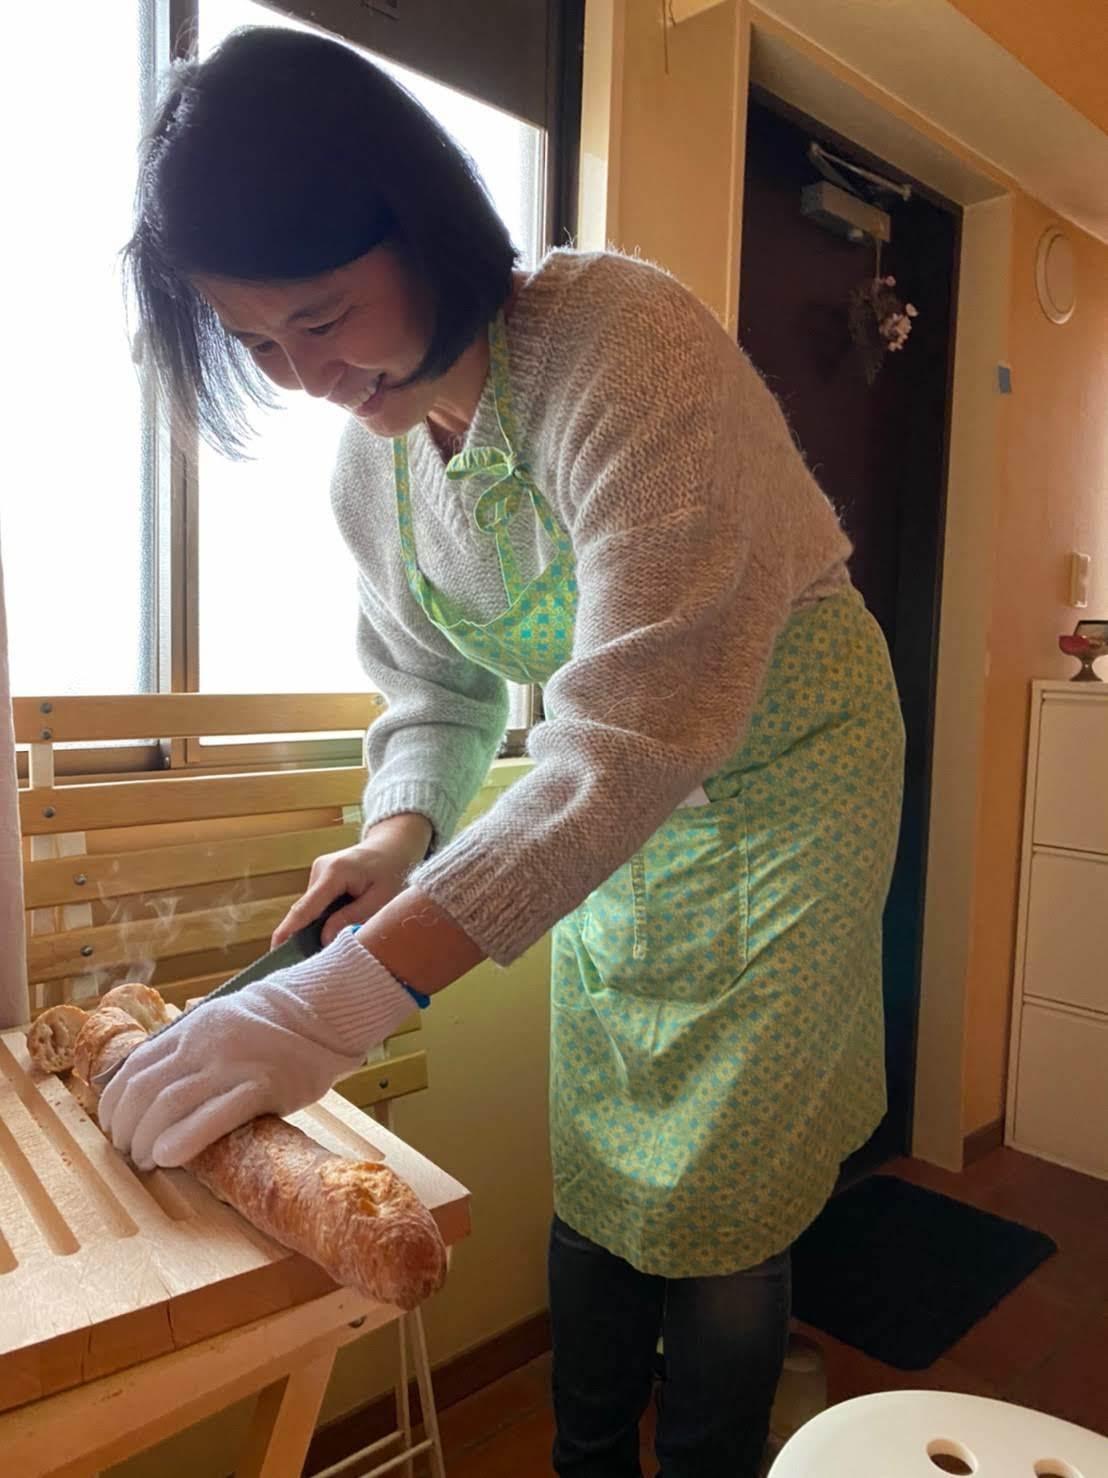 レストラン流、美味しいステーキの焼き方を習いました【サン・ファソン 本多シェフに習うフレンチ】_b0345136_21202275.jpg